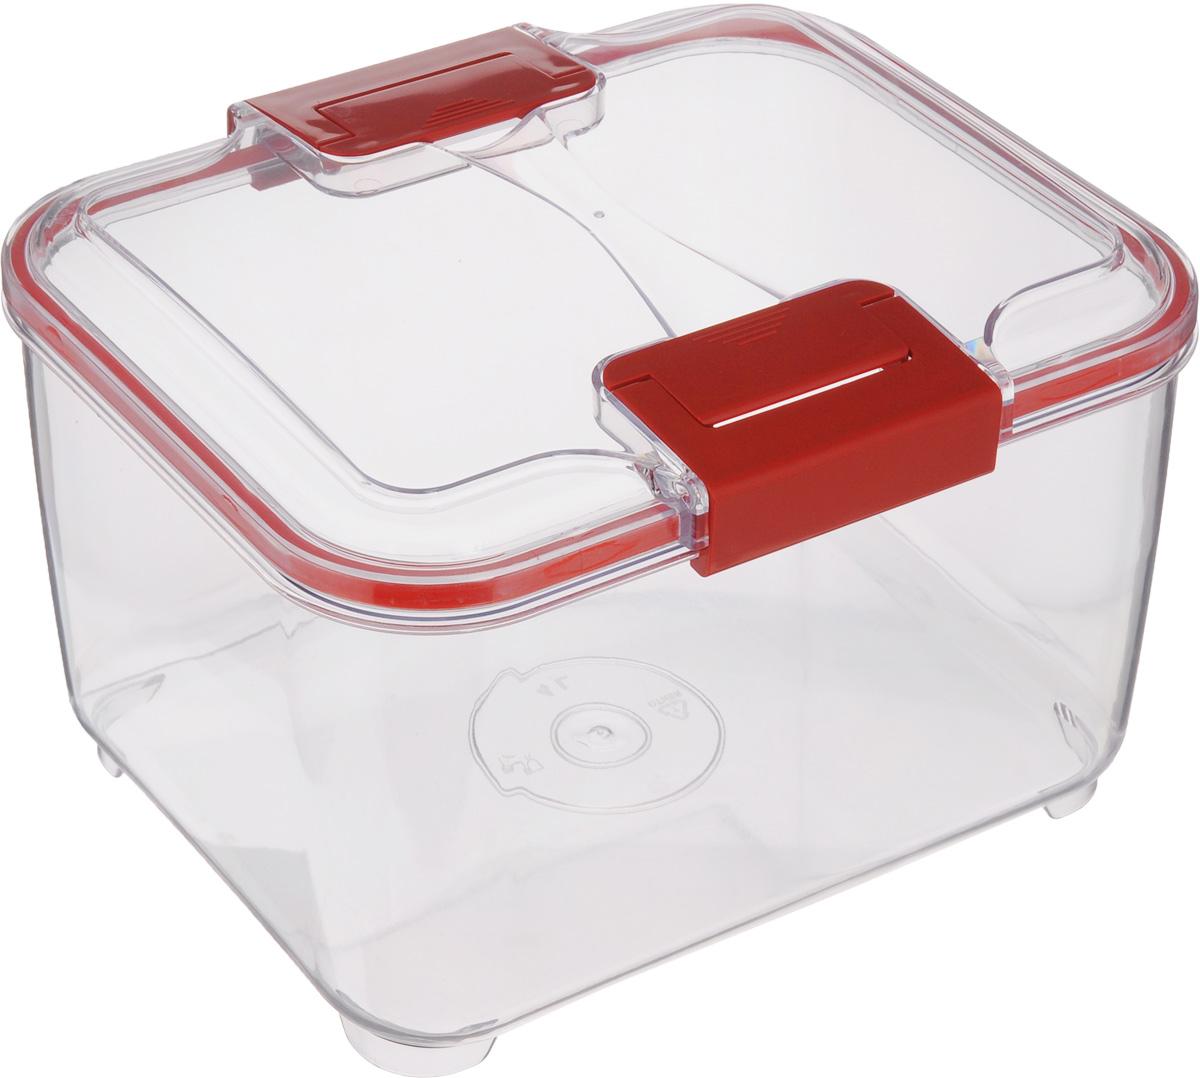 Контейнер Status, цвет: прозрачный, красный, 4 лRC40 RedПищевой контейнер Status изготовлен из высококачественного пищевого пластика. Контейнер безопасен для здоровья, не содержит BPA. Изделие имеет прямоугольную форму и оснащено плотно закрывающейся крышкой. Прозрачные стенки позволяют видеть содержимое. Контейнер закрывается при помощи двух защелок. Можно мыть в посудомоечной машине. Контейнер подходит для использования в морозильной камере и СВЧ.